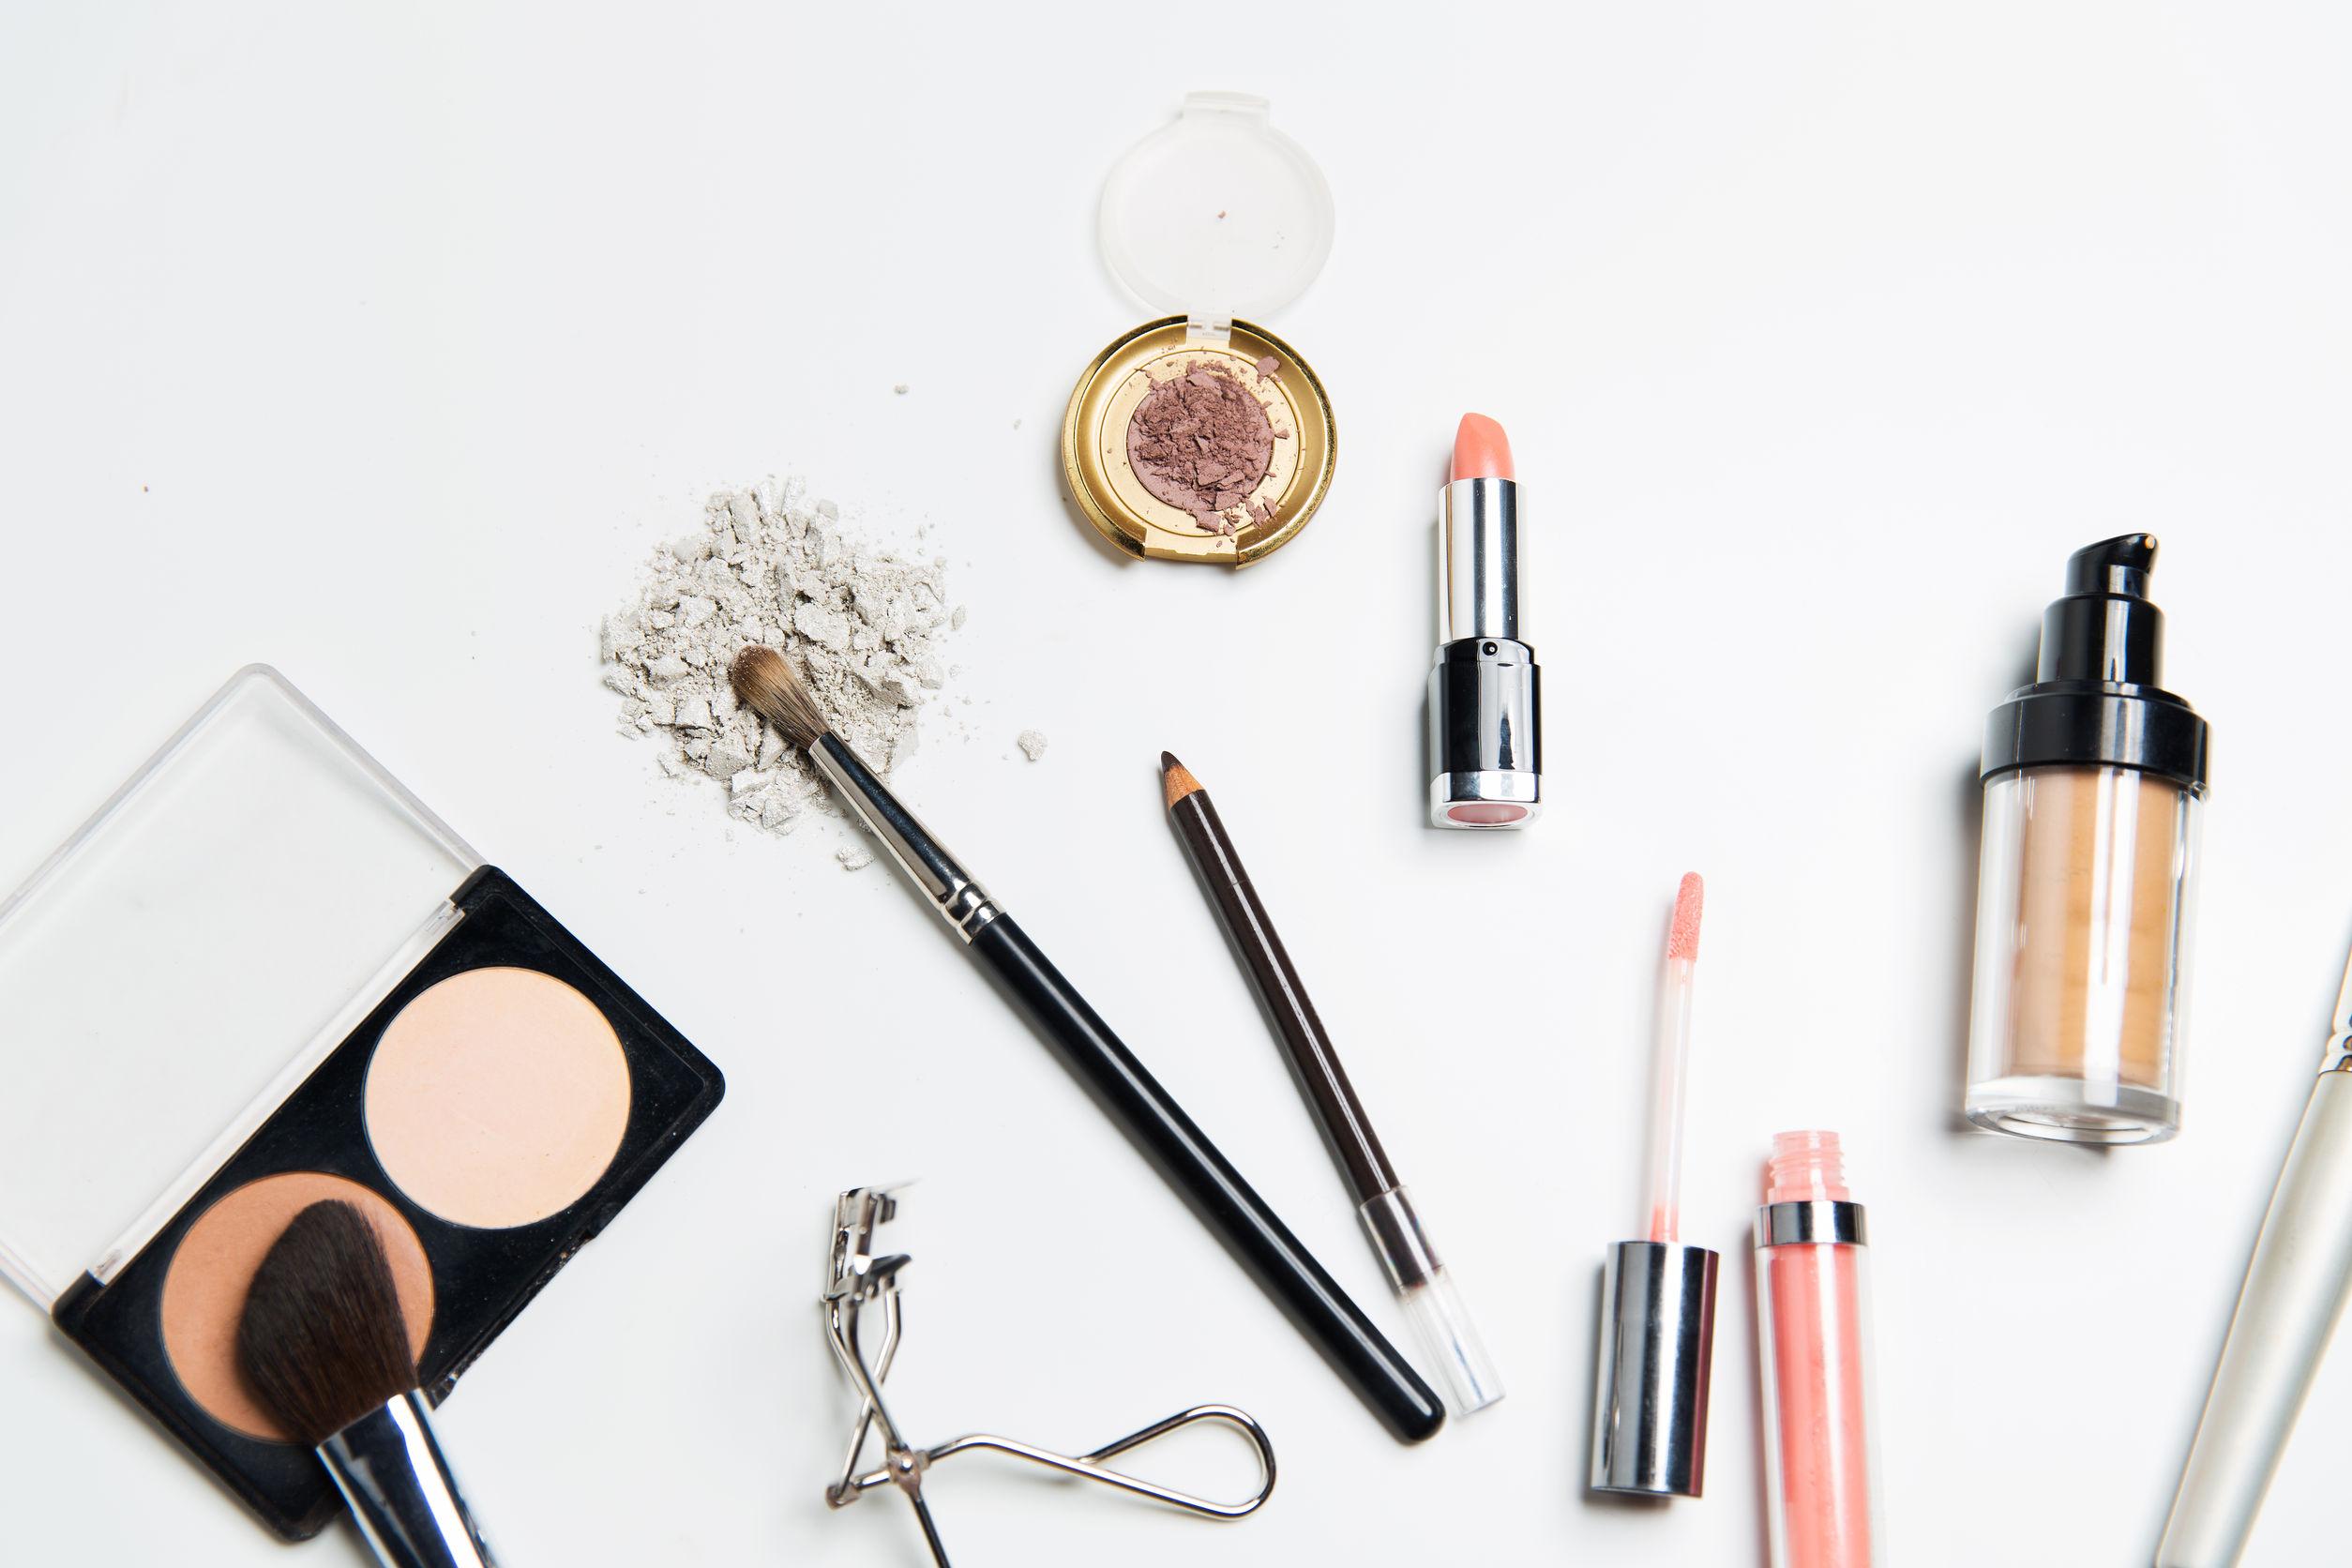 52115493 - cosmetics, makeup and beauty concept - close up of makeup stuff